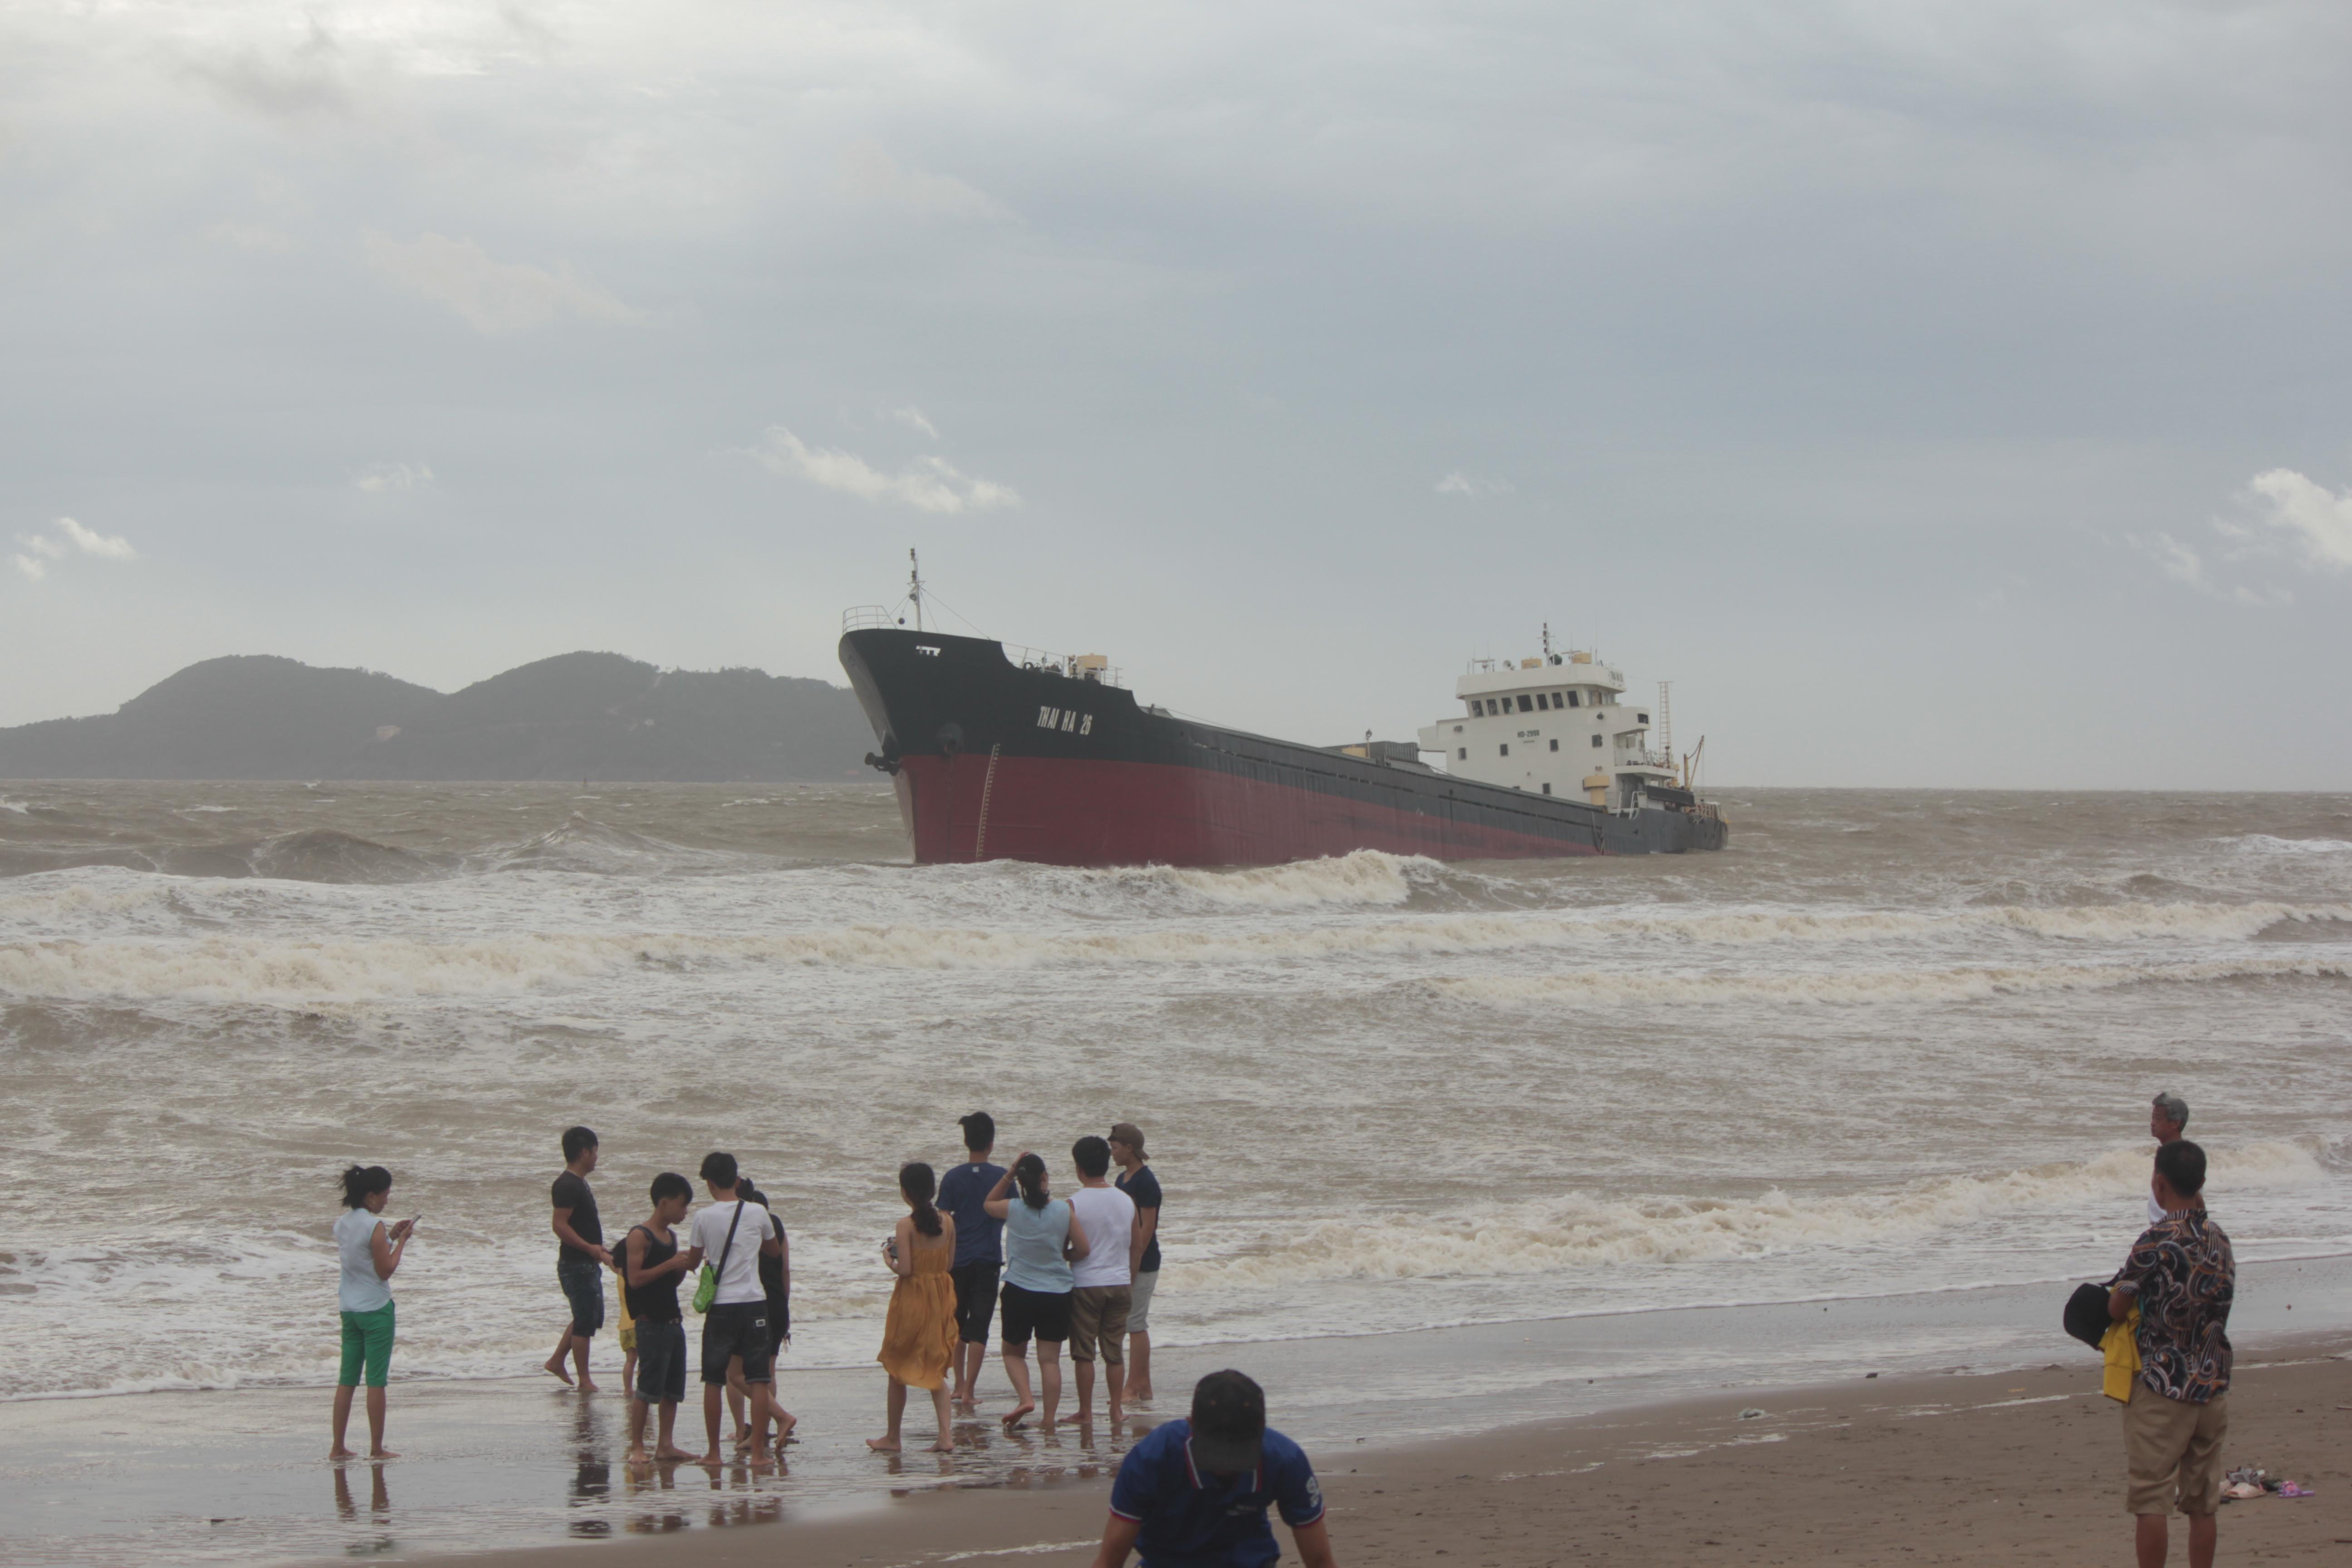 Nghệ An: 13 người mất tích cùng tàu chở than trong cơn bão số 2 - Ảnh 1.